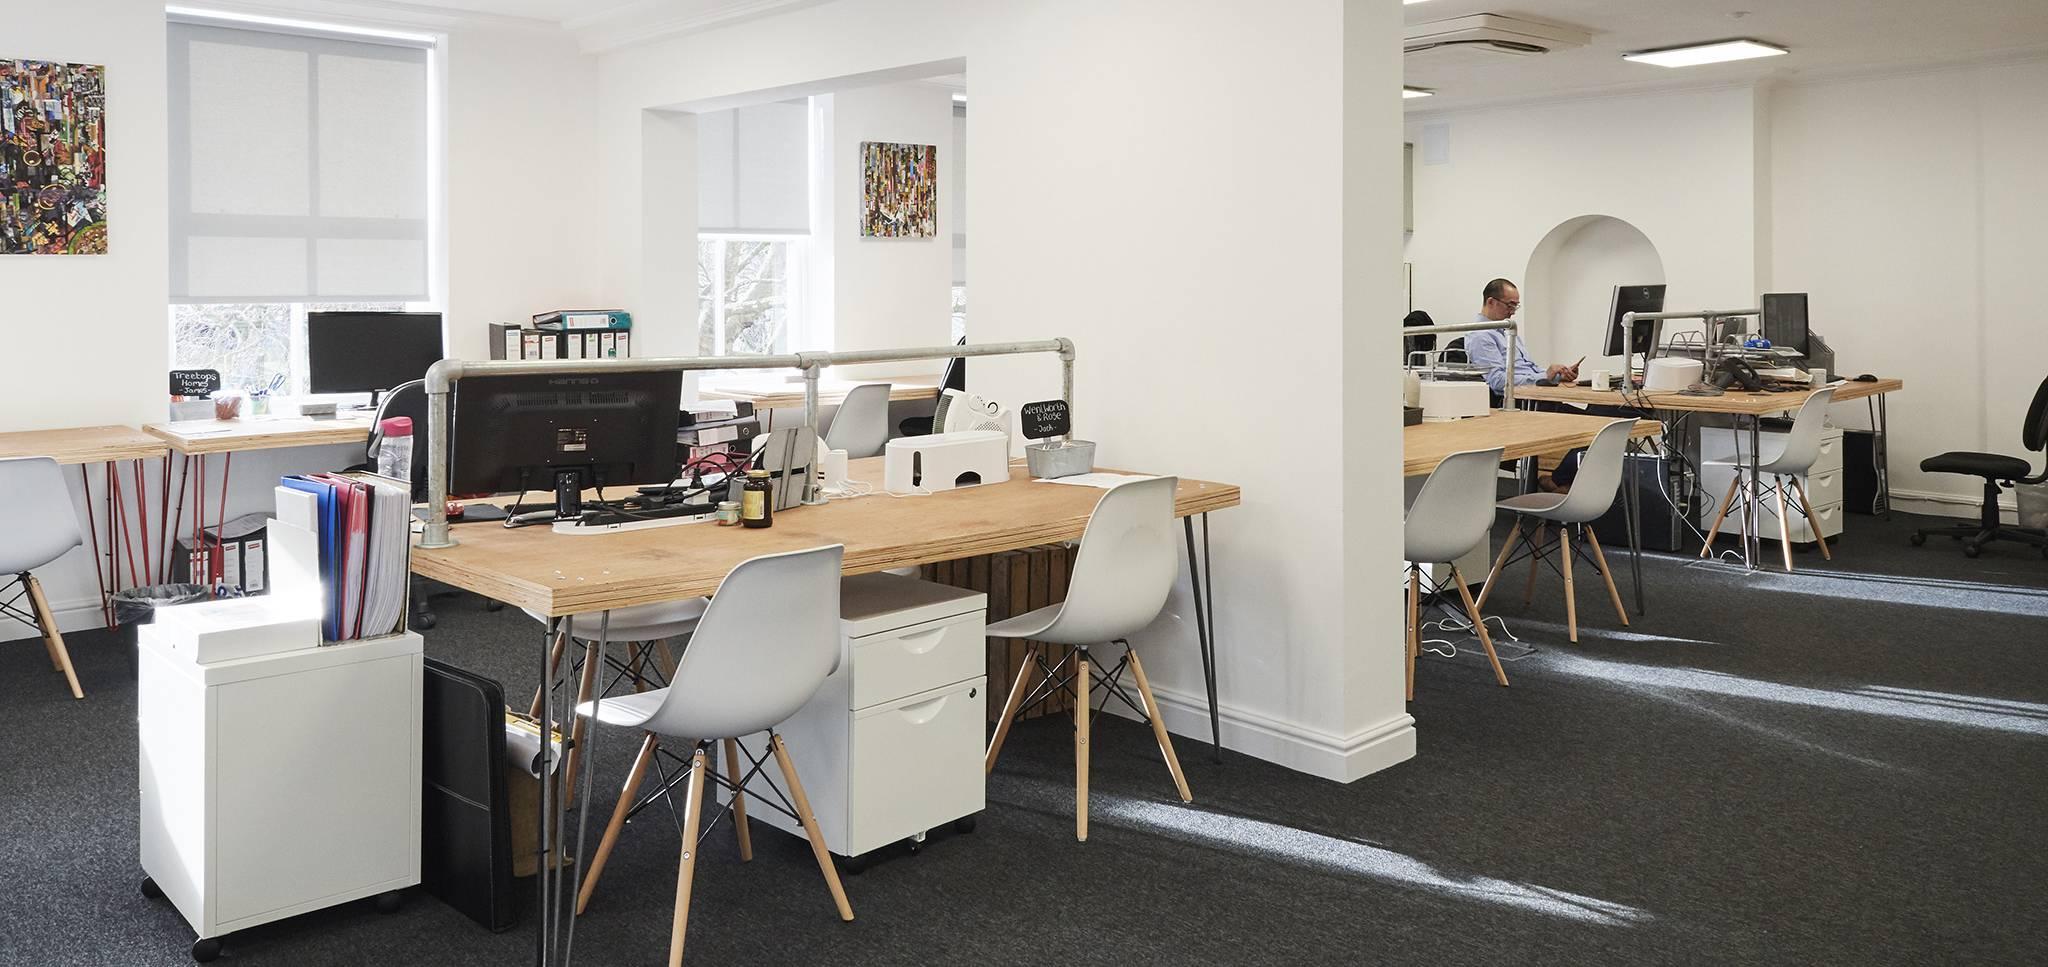 Văn phòng virtual là gì? Bạn cần biết gì?